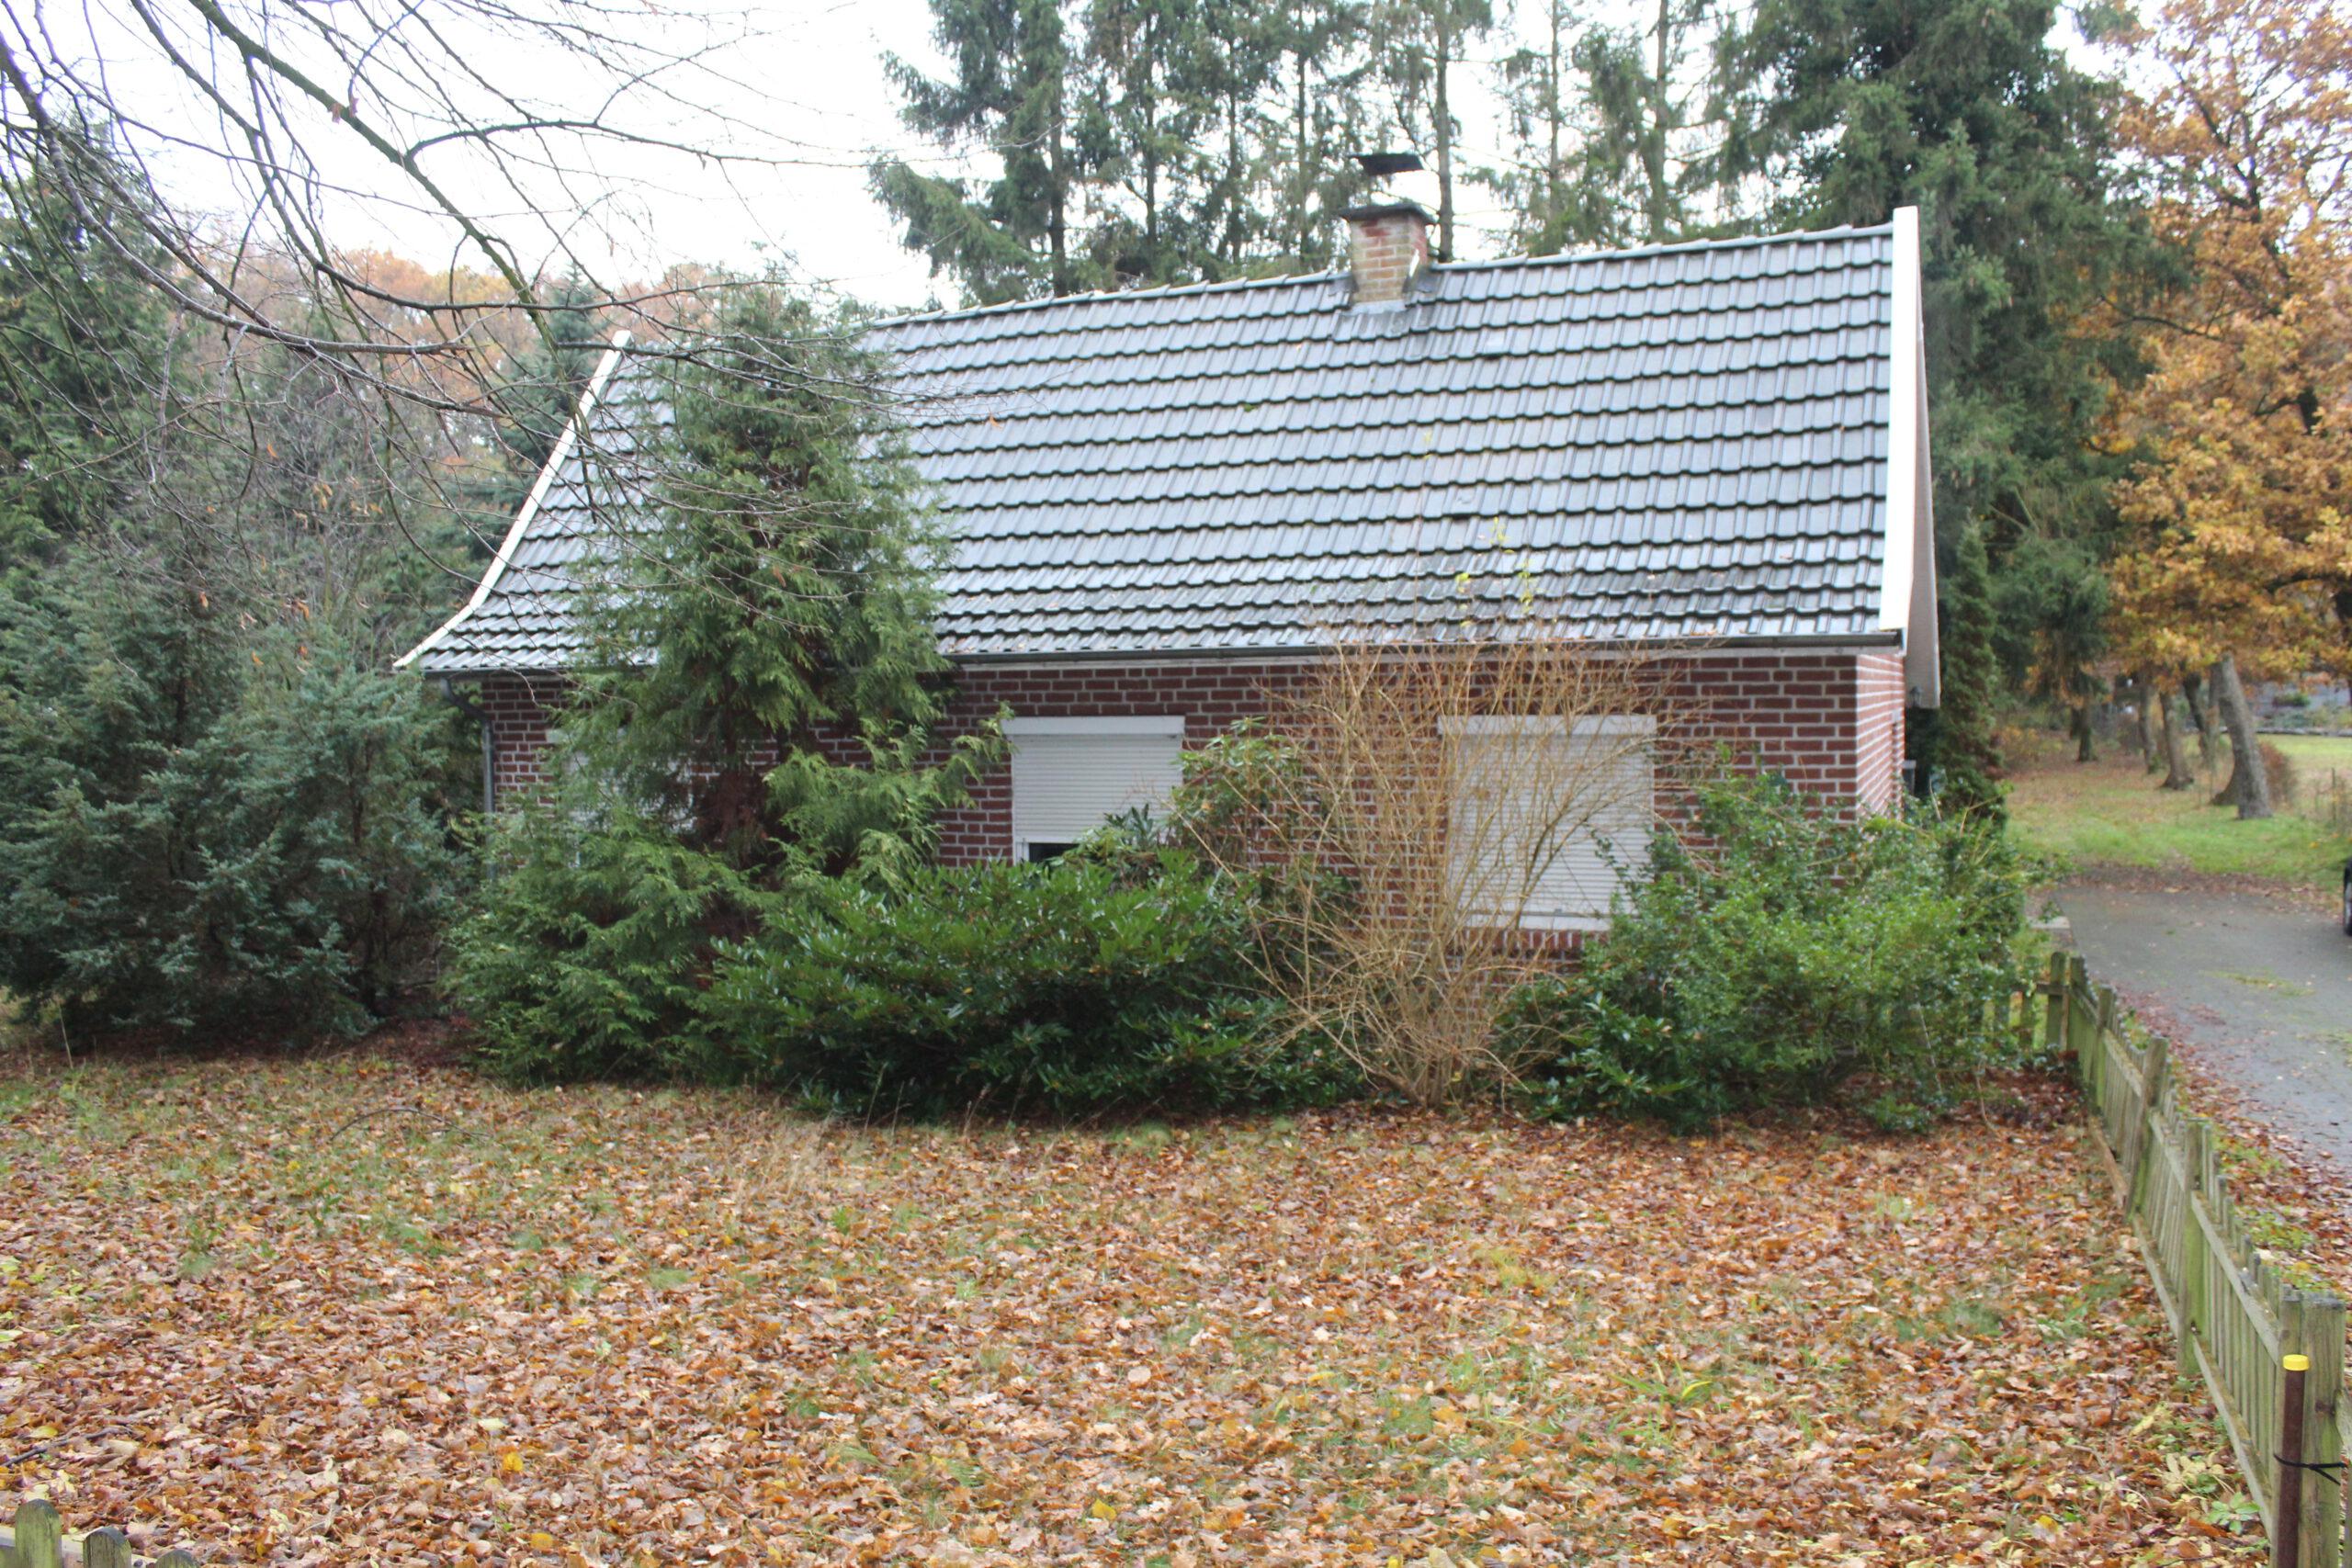 Vermietung Einfamilienhaus (2)